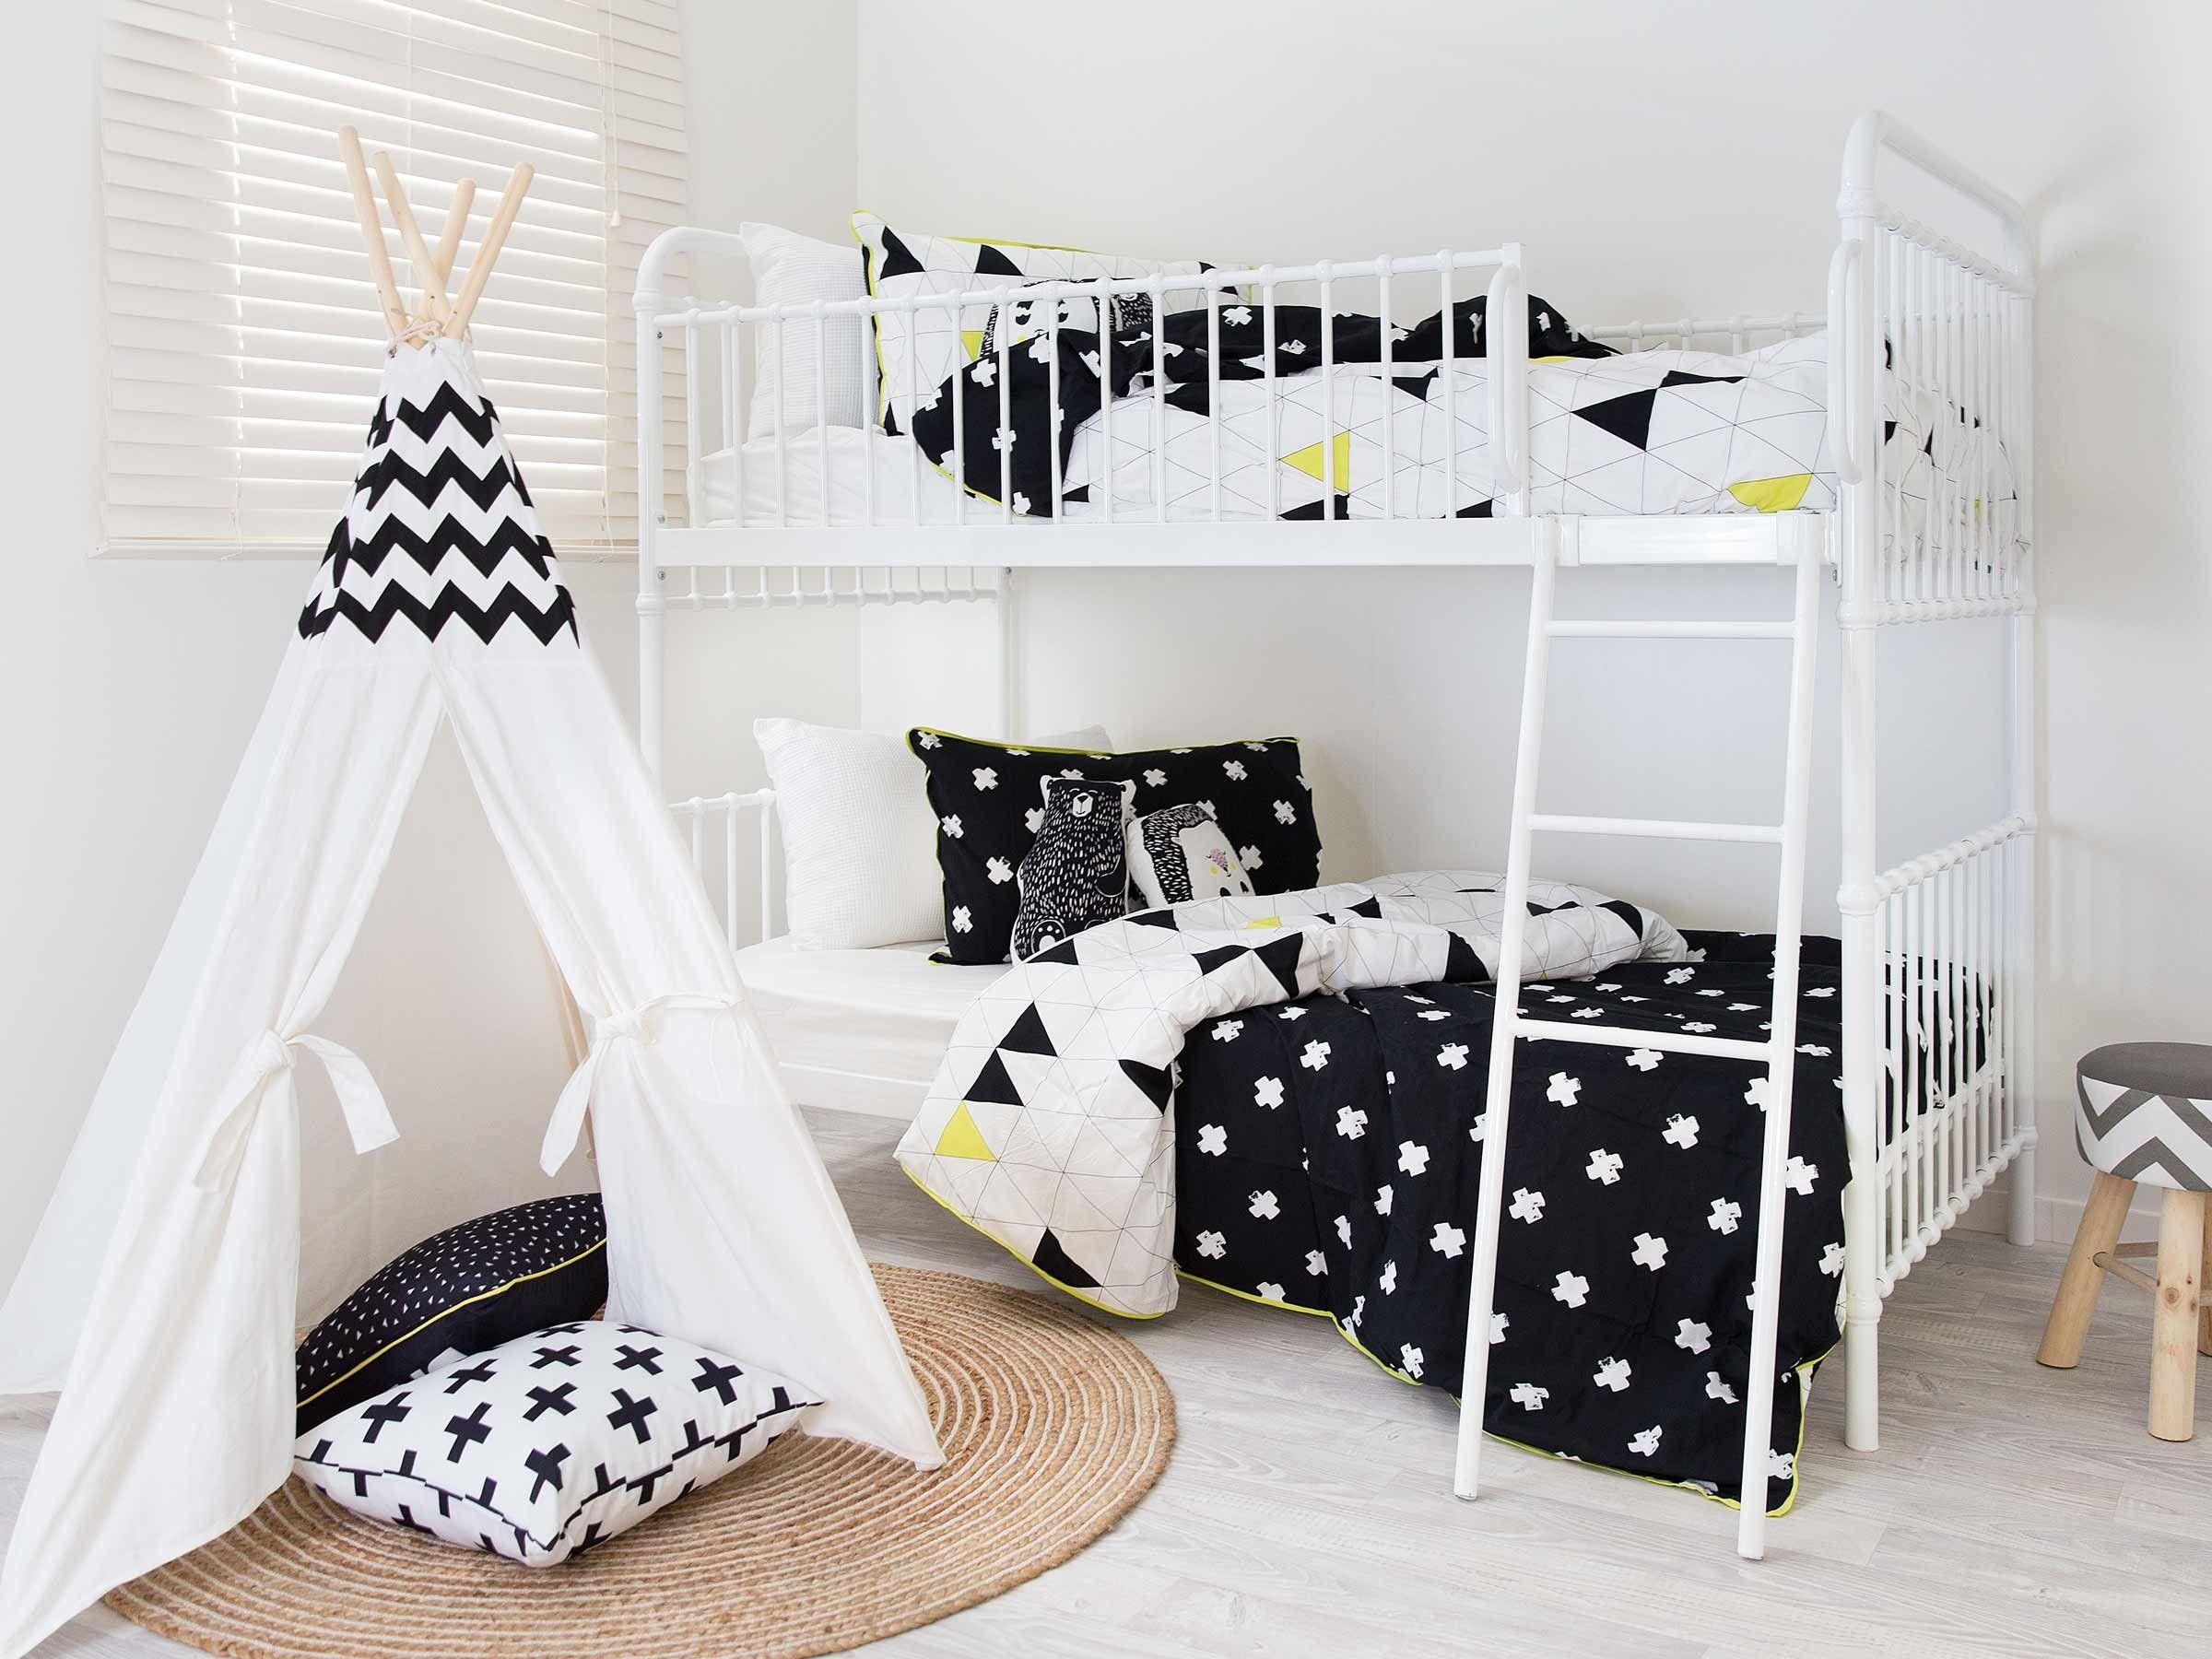 Mocka Piccolo Kids Teepee | Kids Furniture & Playtime